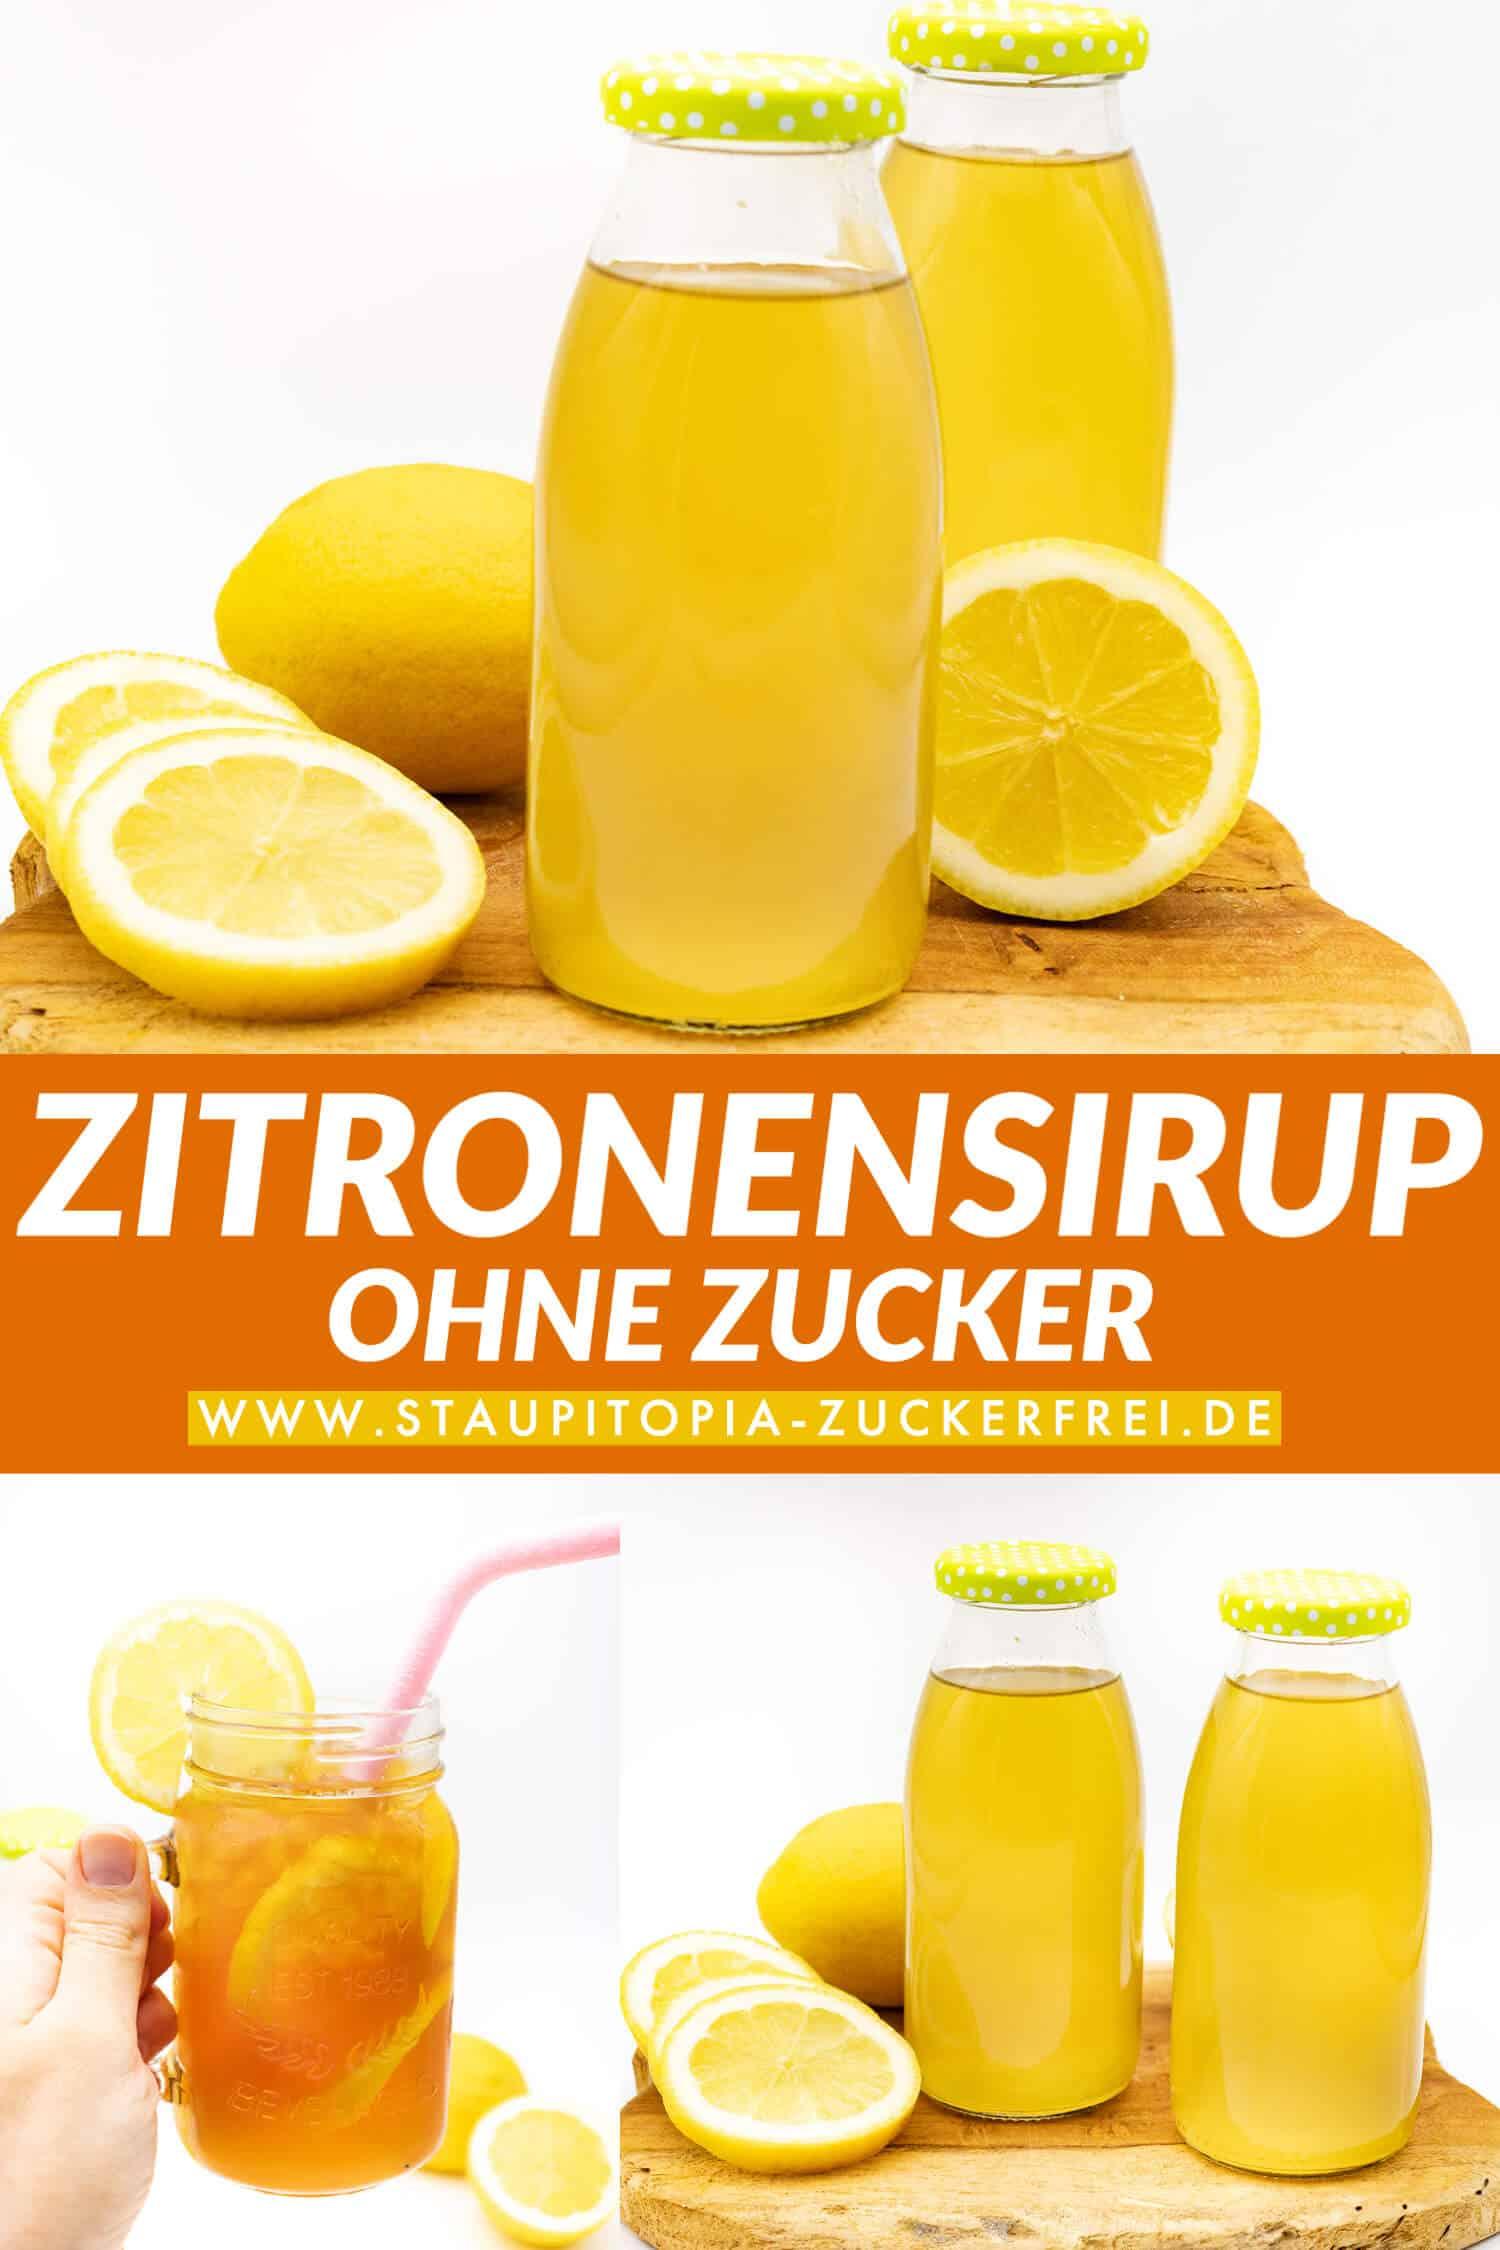 Zitronensirup ohne Zucker für Limonade selber machen